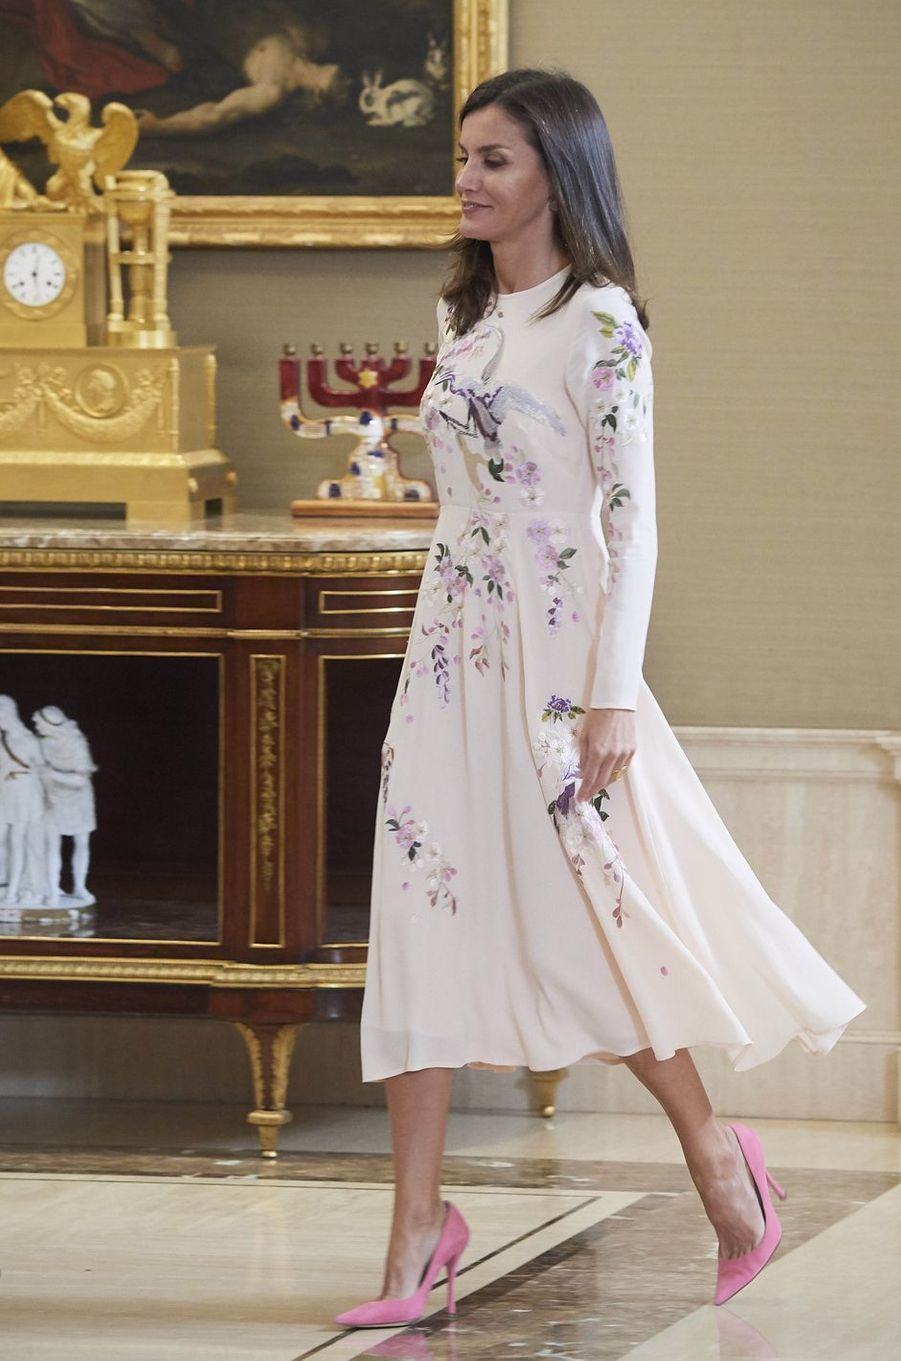 La reine Letizia d'Espagne au palais de la Zarzuela à Madrid, le 8 juillet 2019